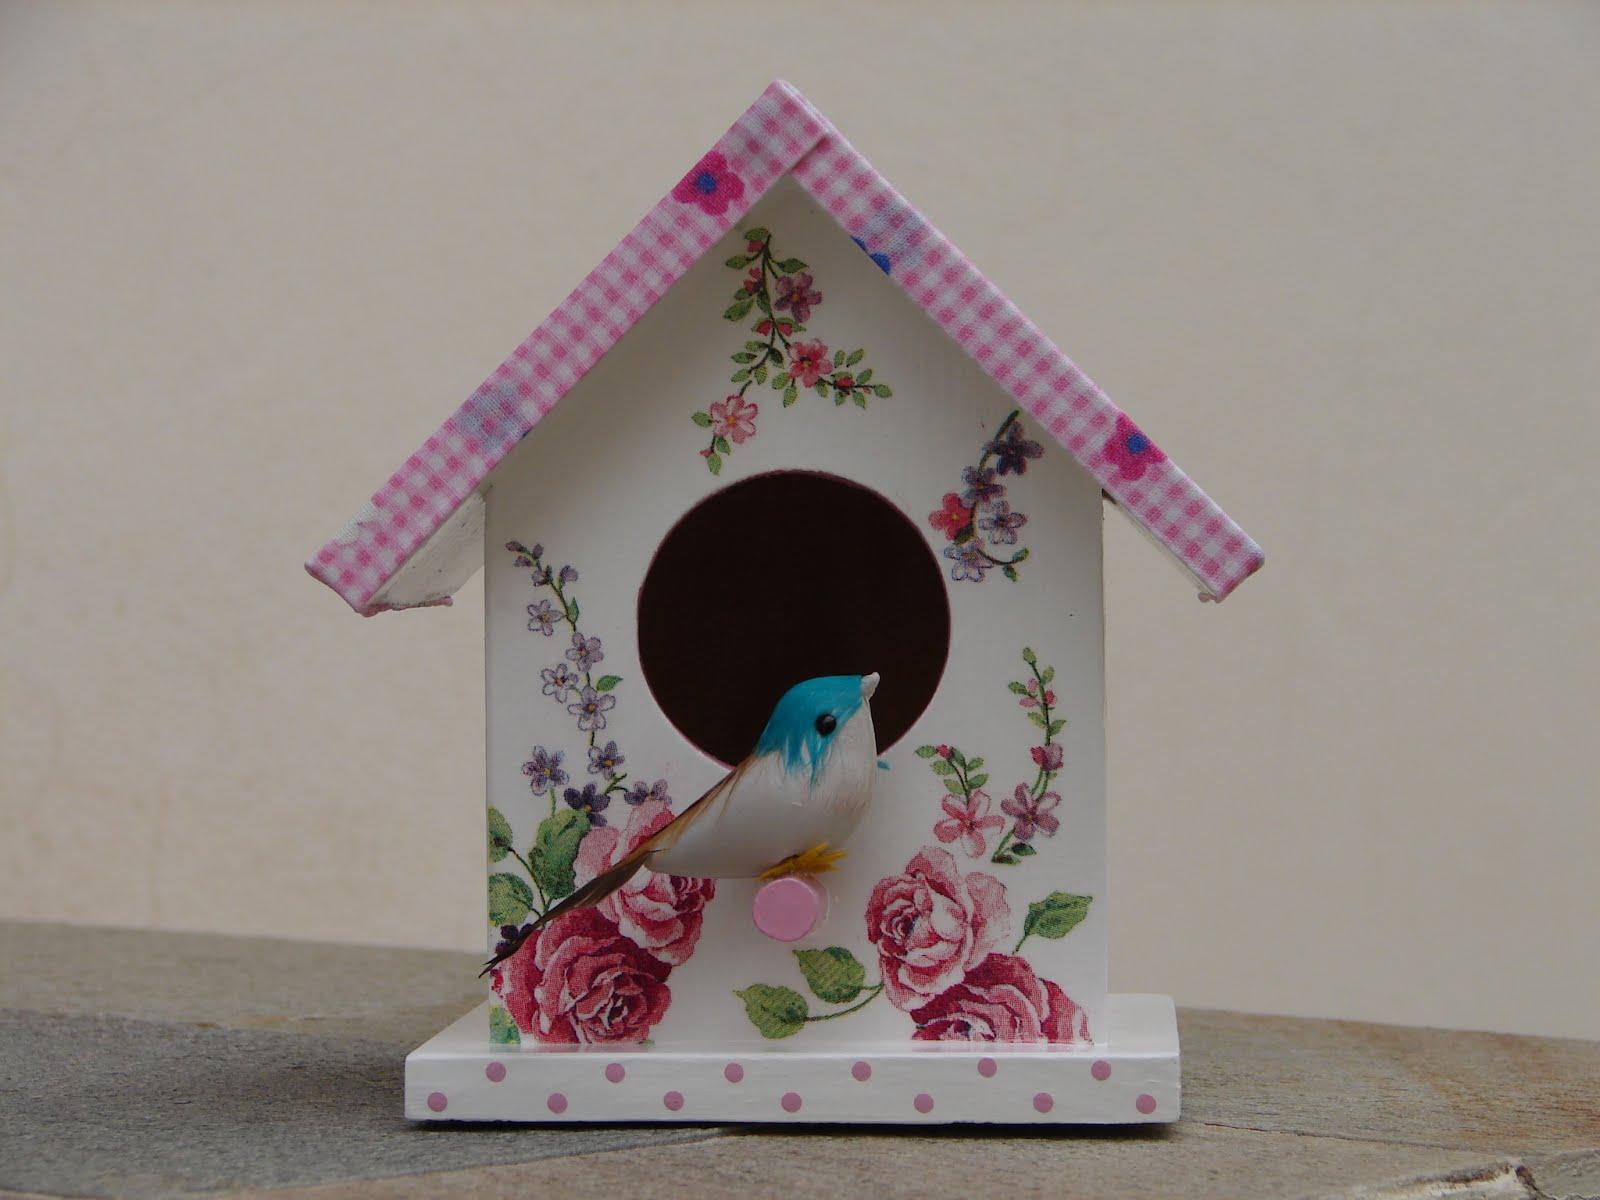 Bell'Arte Arte em madeira e tecido: Casinha de Passarinho Floral  #1B6979 1600x1200